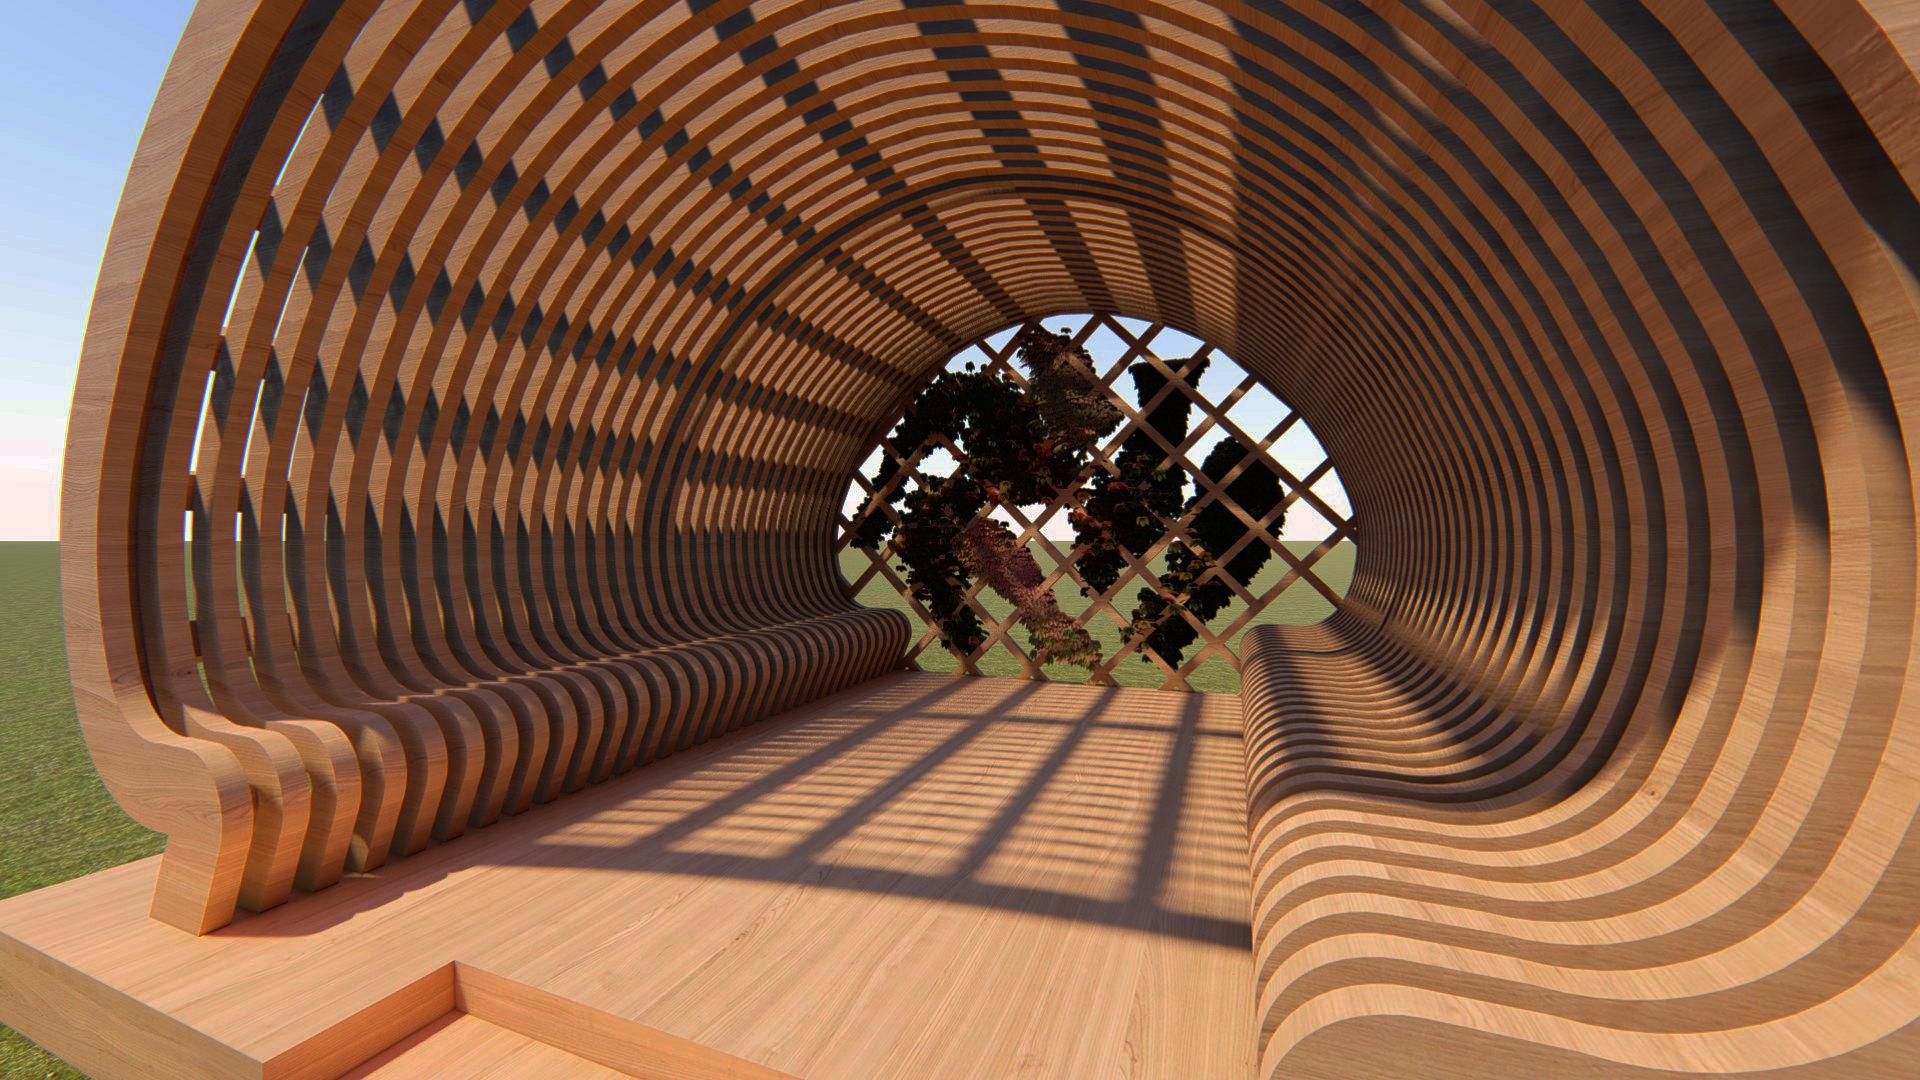 Spade Gazeebo wooden pergola